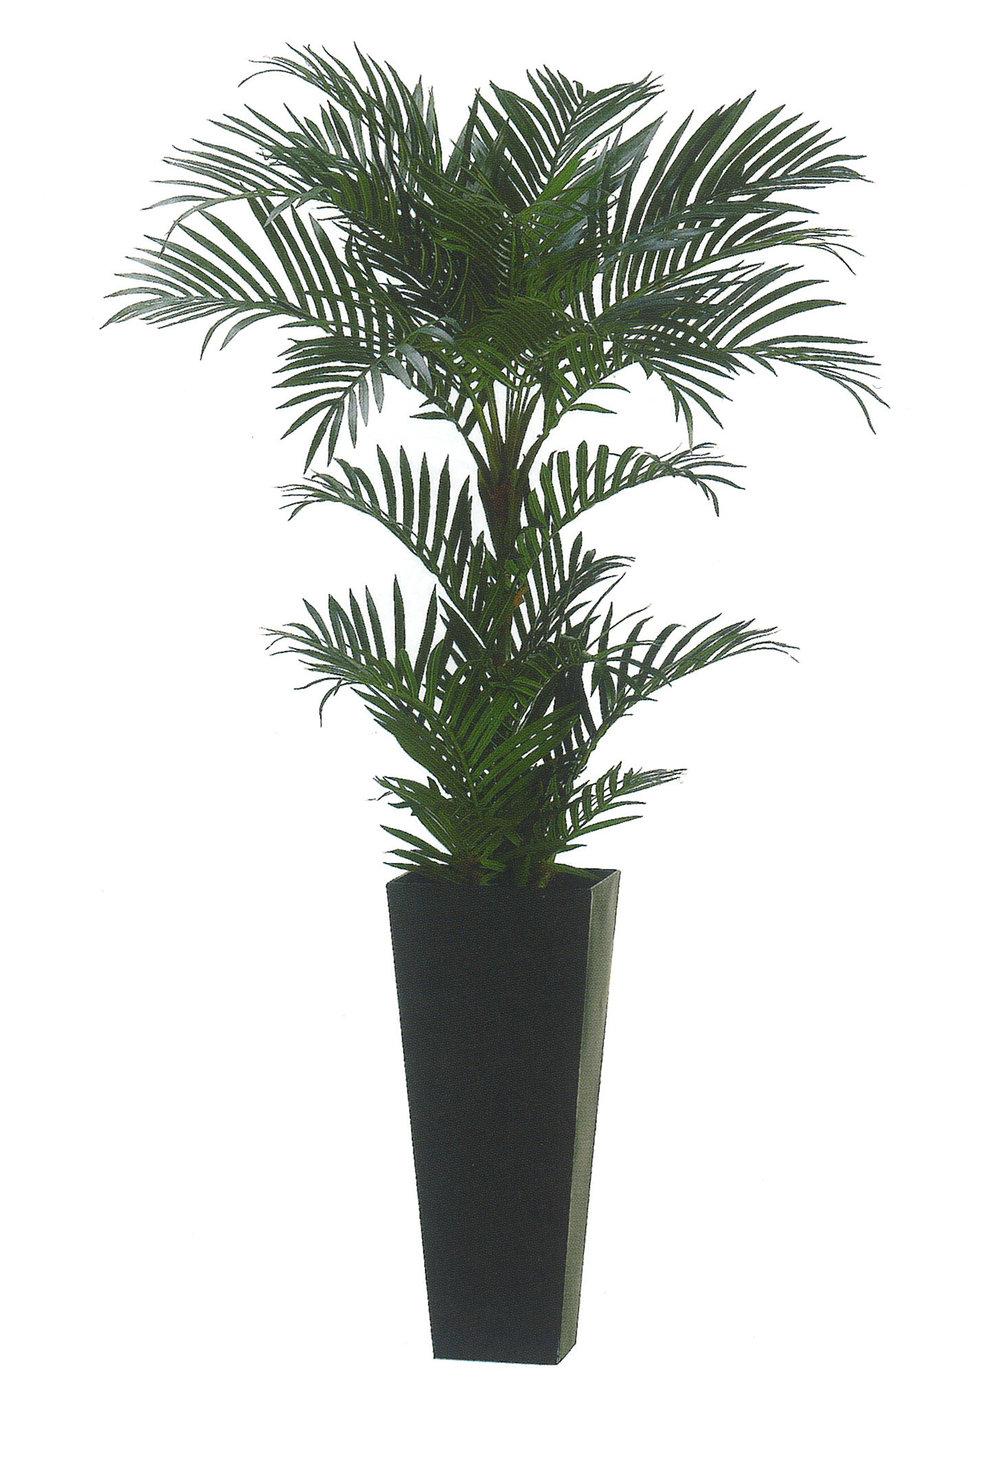 Areca Palm garden